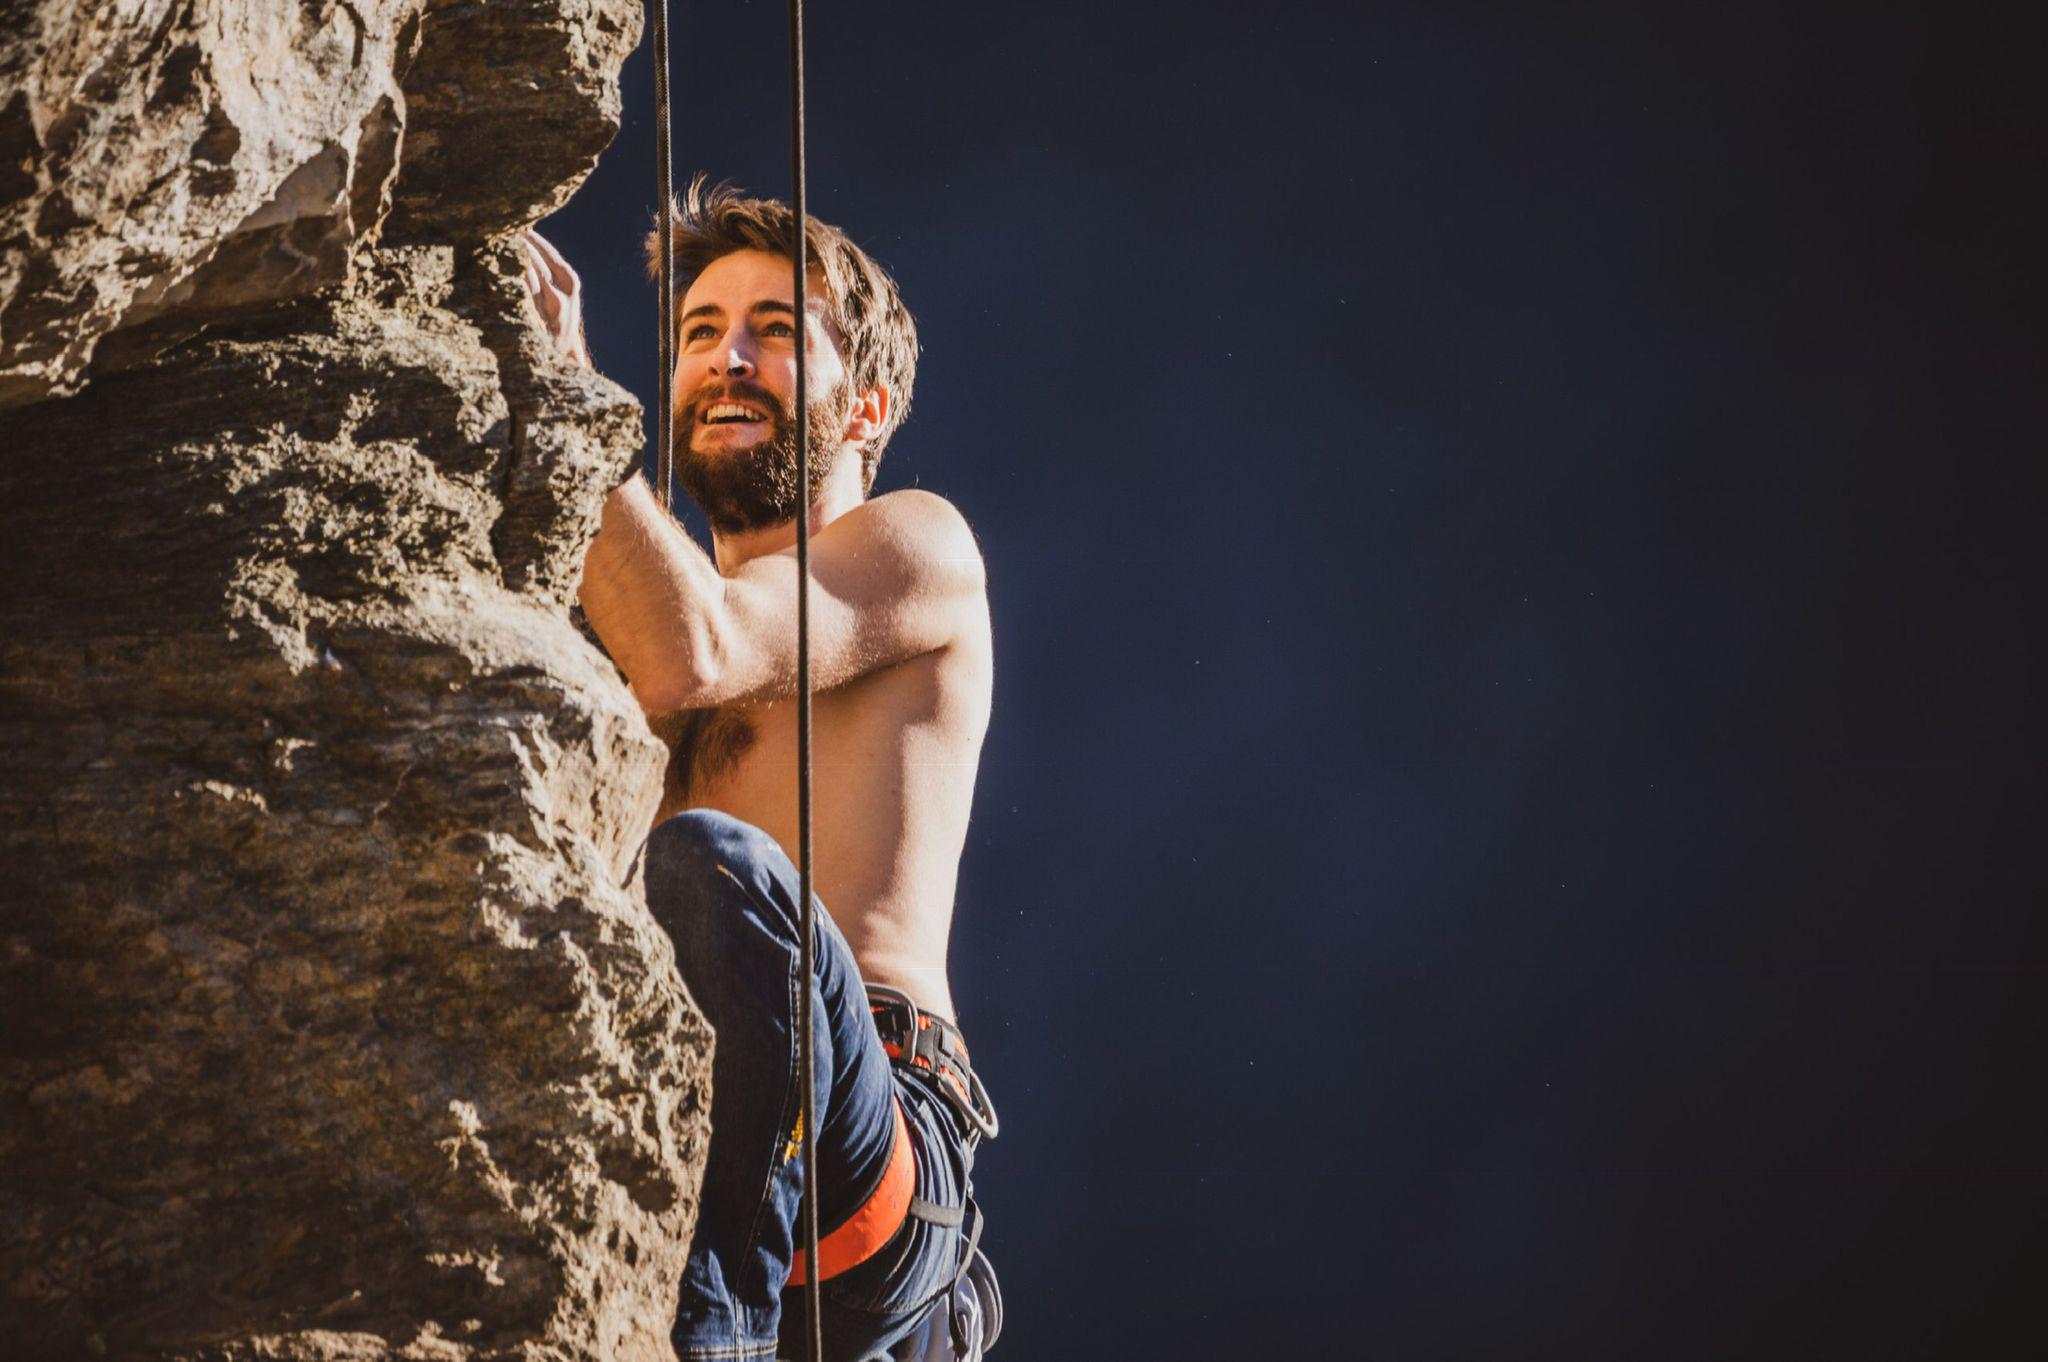 Alessandro Macagno mentre arrampica: la montagna, come l'informatica, è la sua passione